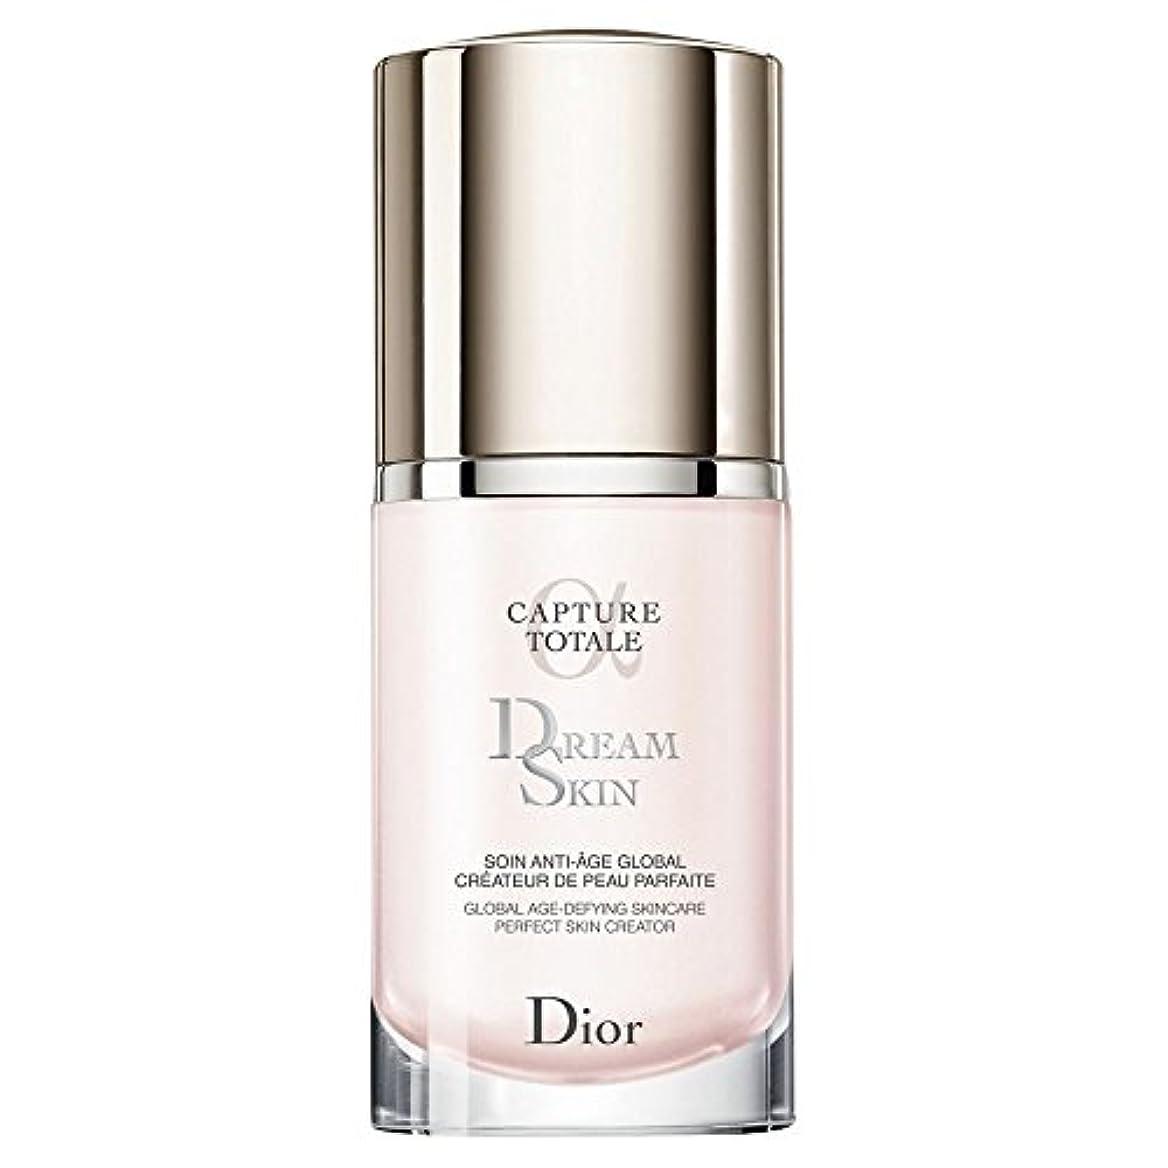 ウィスキーウルル適合しました[Dior] ディオールカプチュールトータルのDreamskin 30ミリリットル - Dior Capture Totale Dreamskin 30ml [並行輸入品]